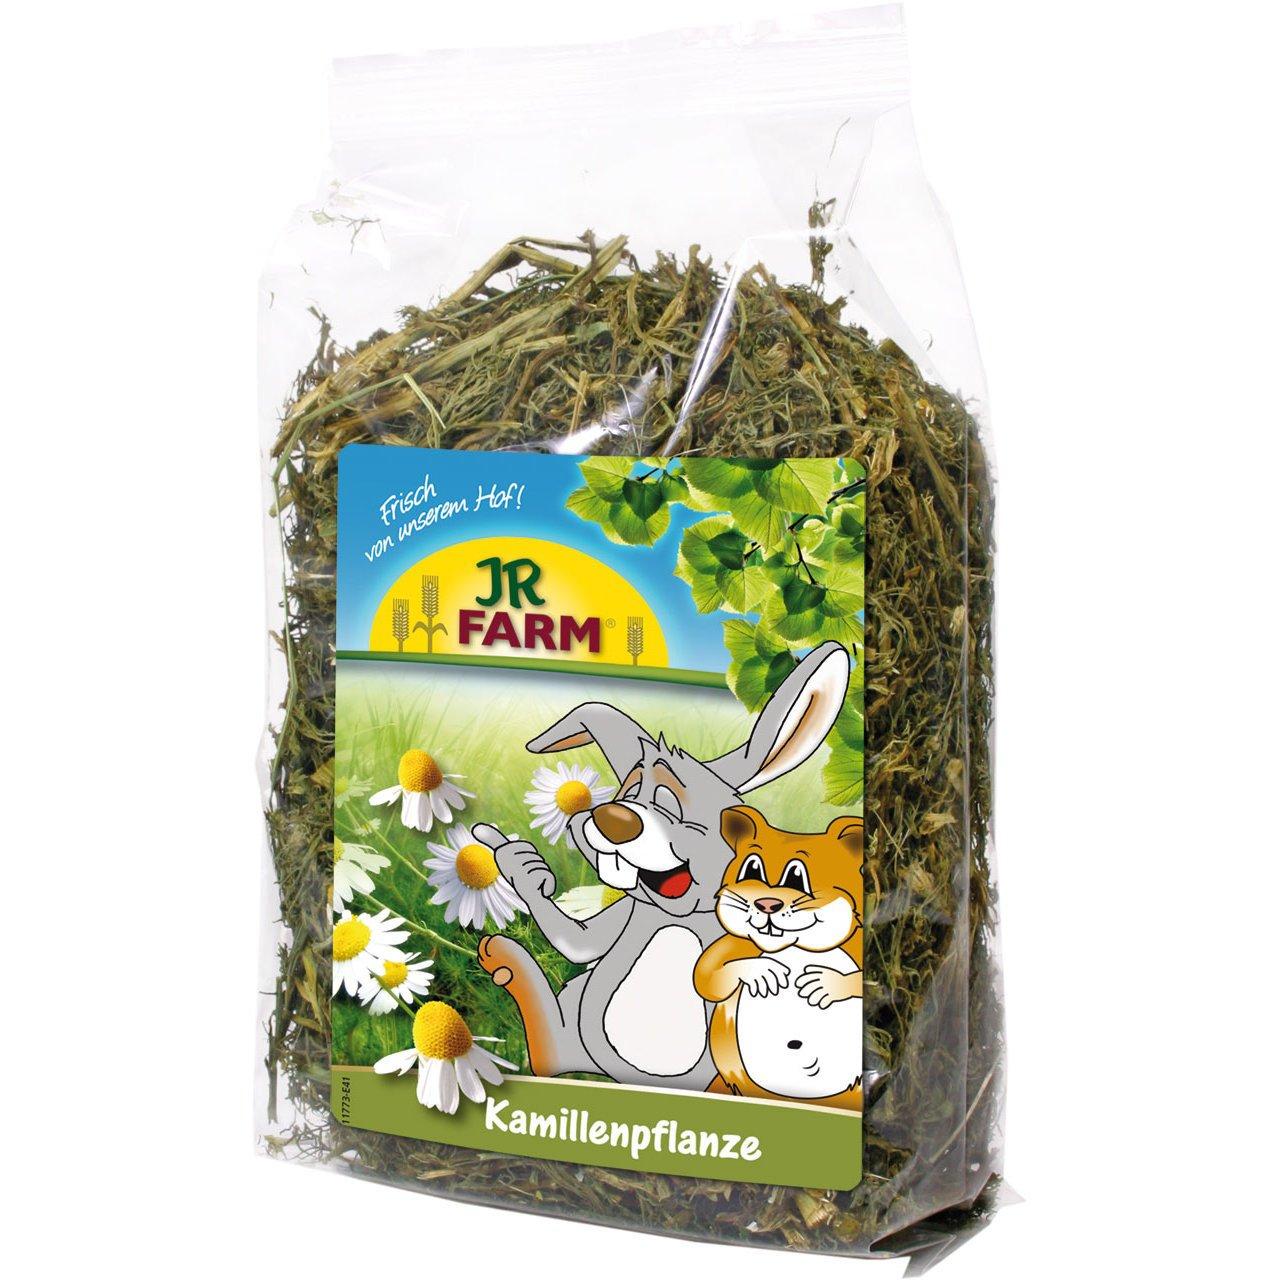 JR Farm Kamillenpflanze, 100 g